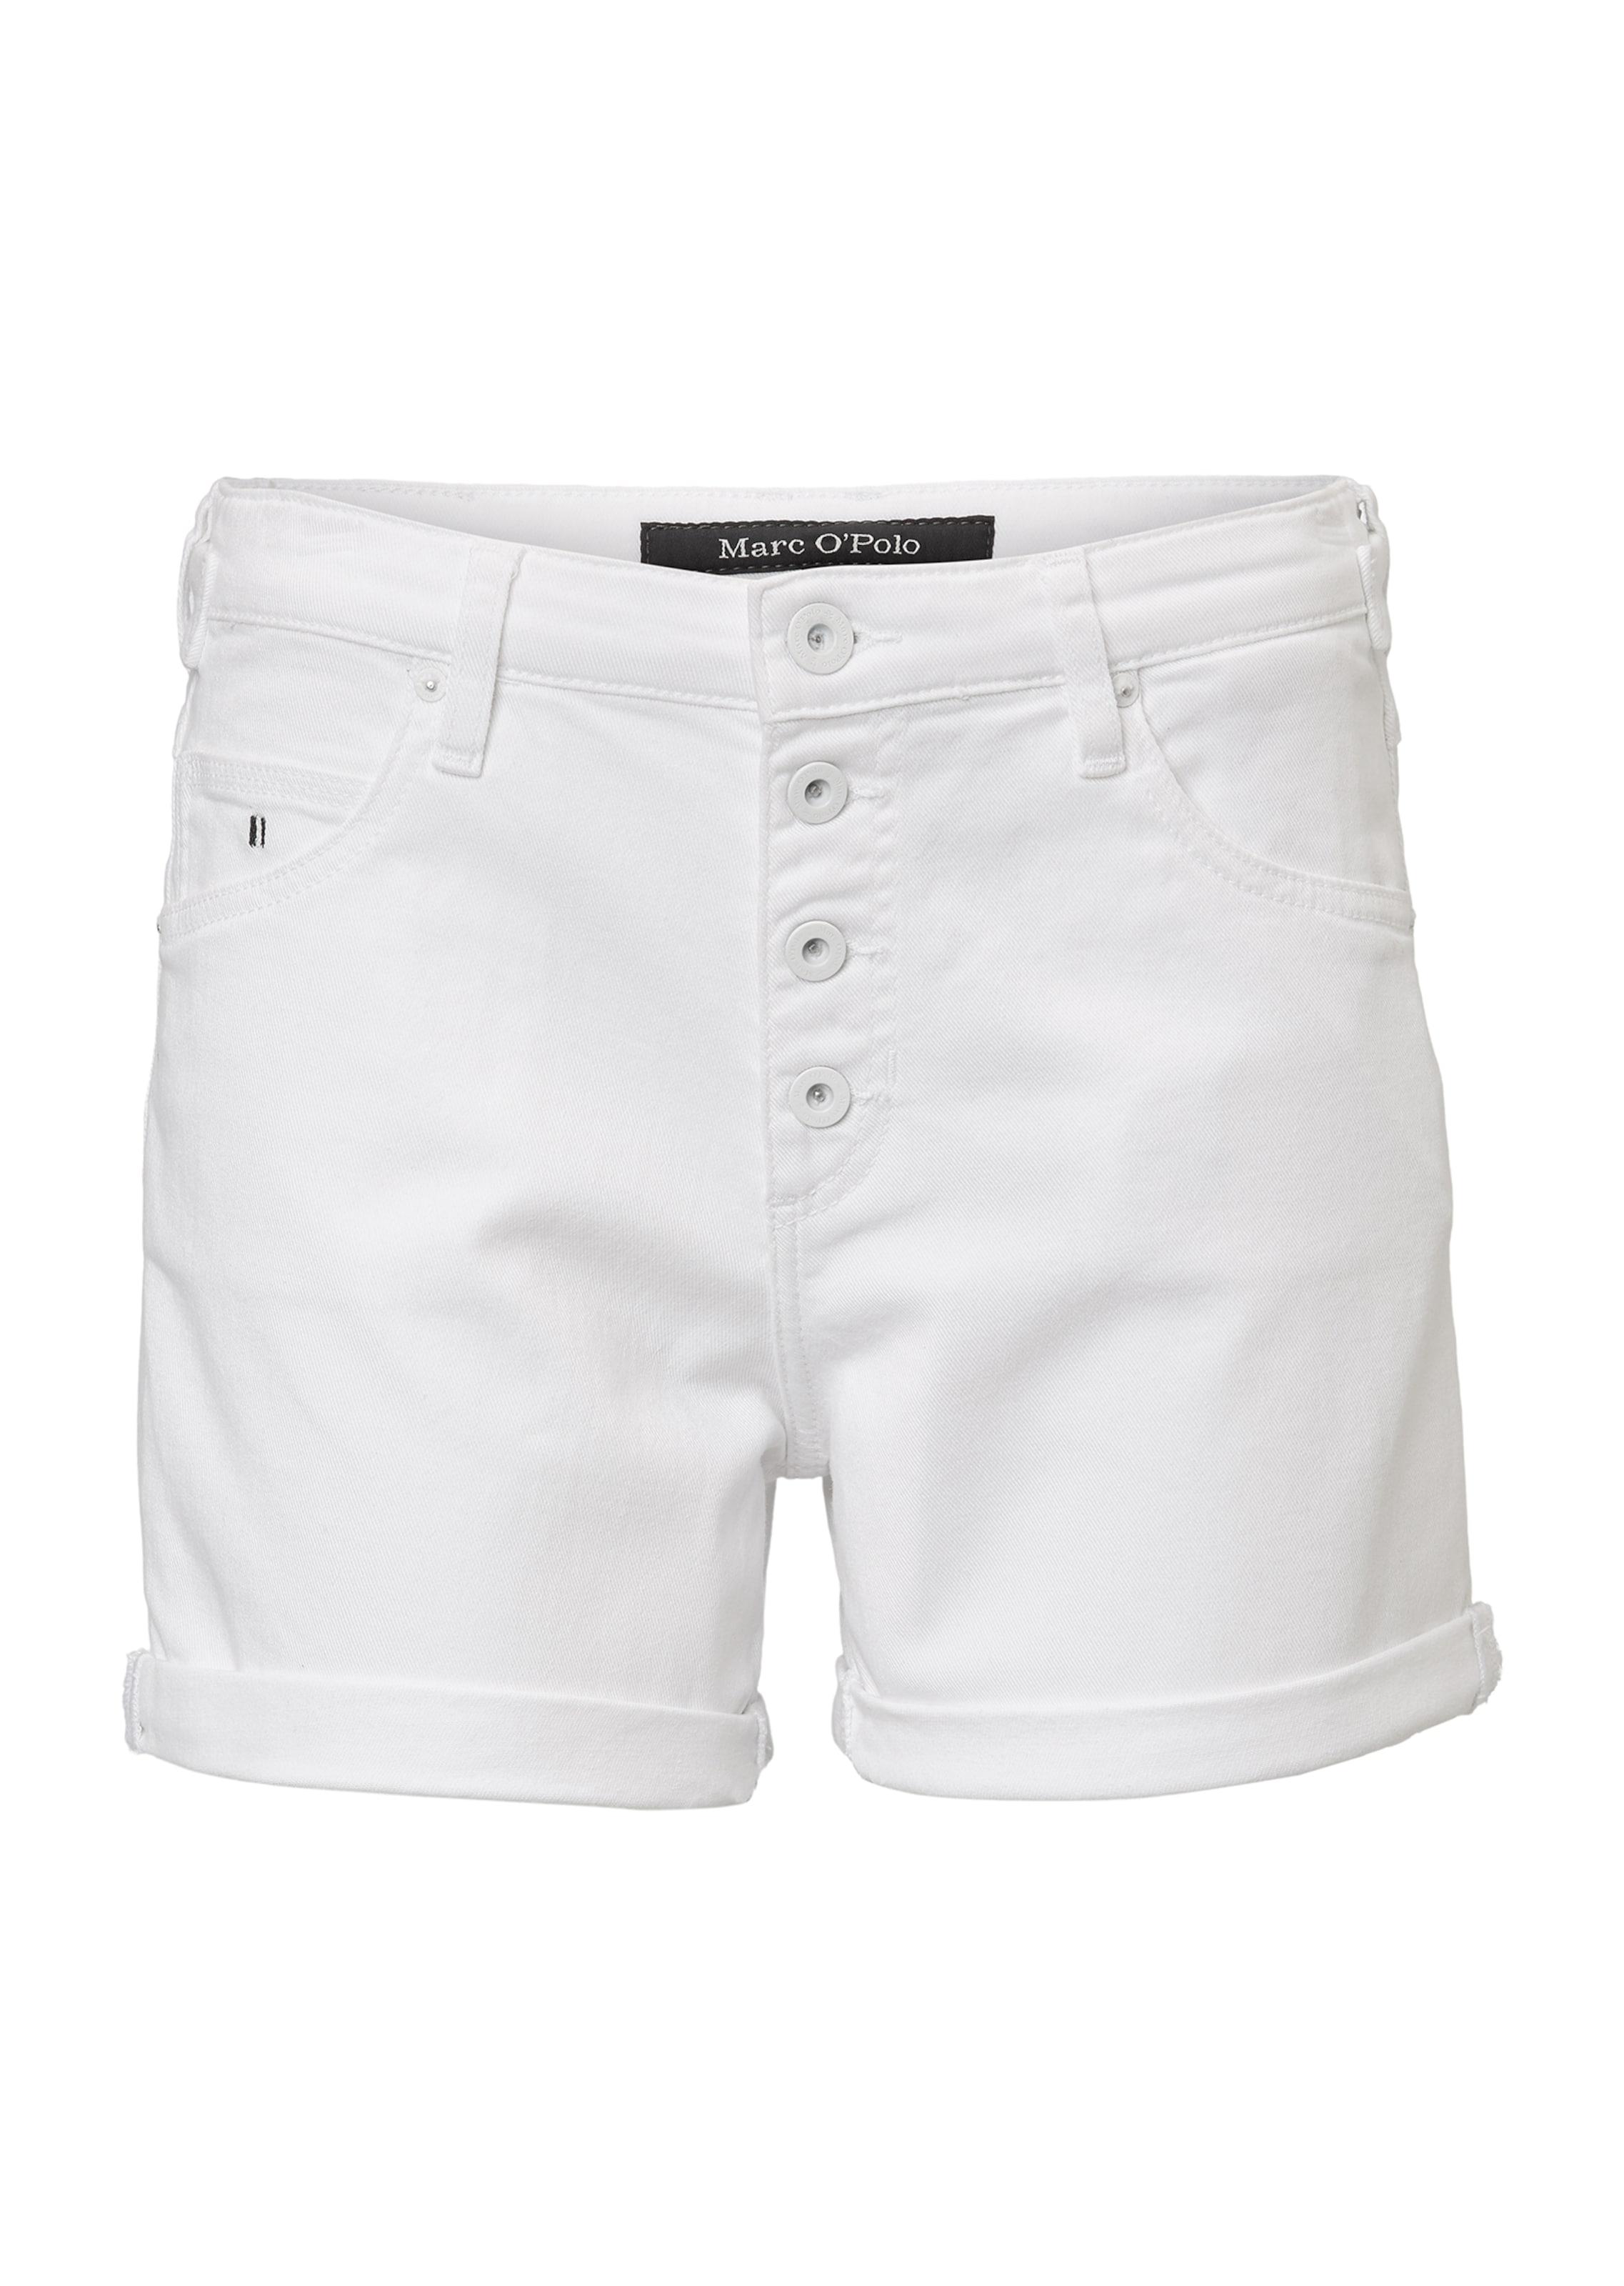 In Shorts O'polo Weiß Shorts Weiß Marc In Shorts Marc Marc O'polo In O'polo QhdCxtsr